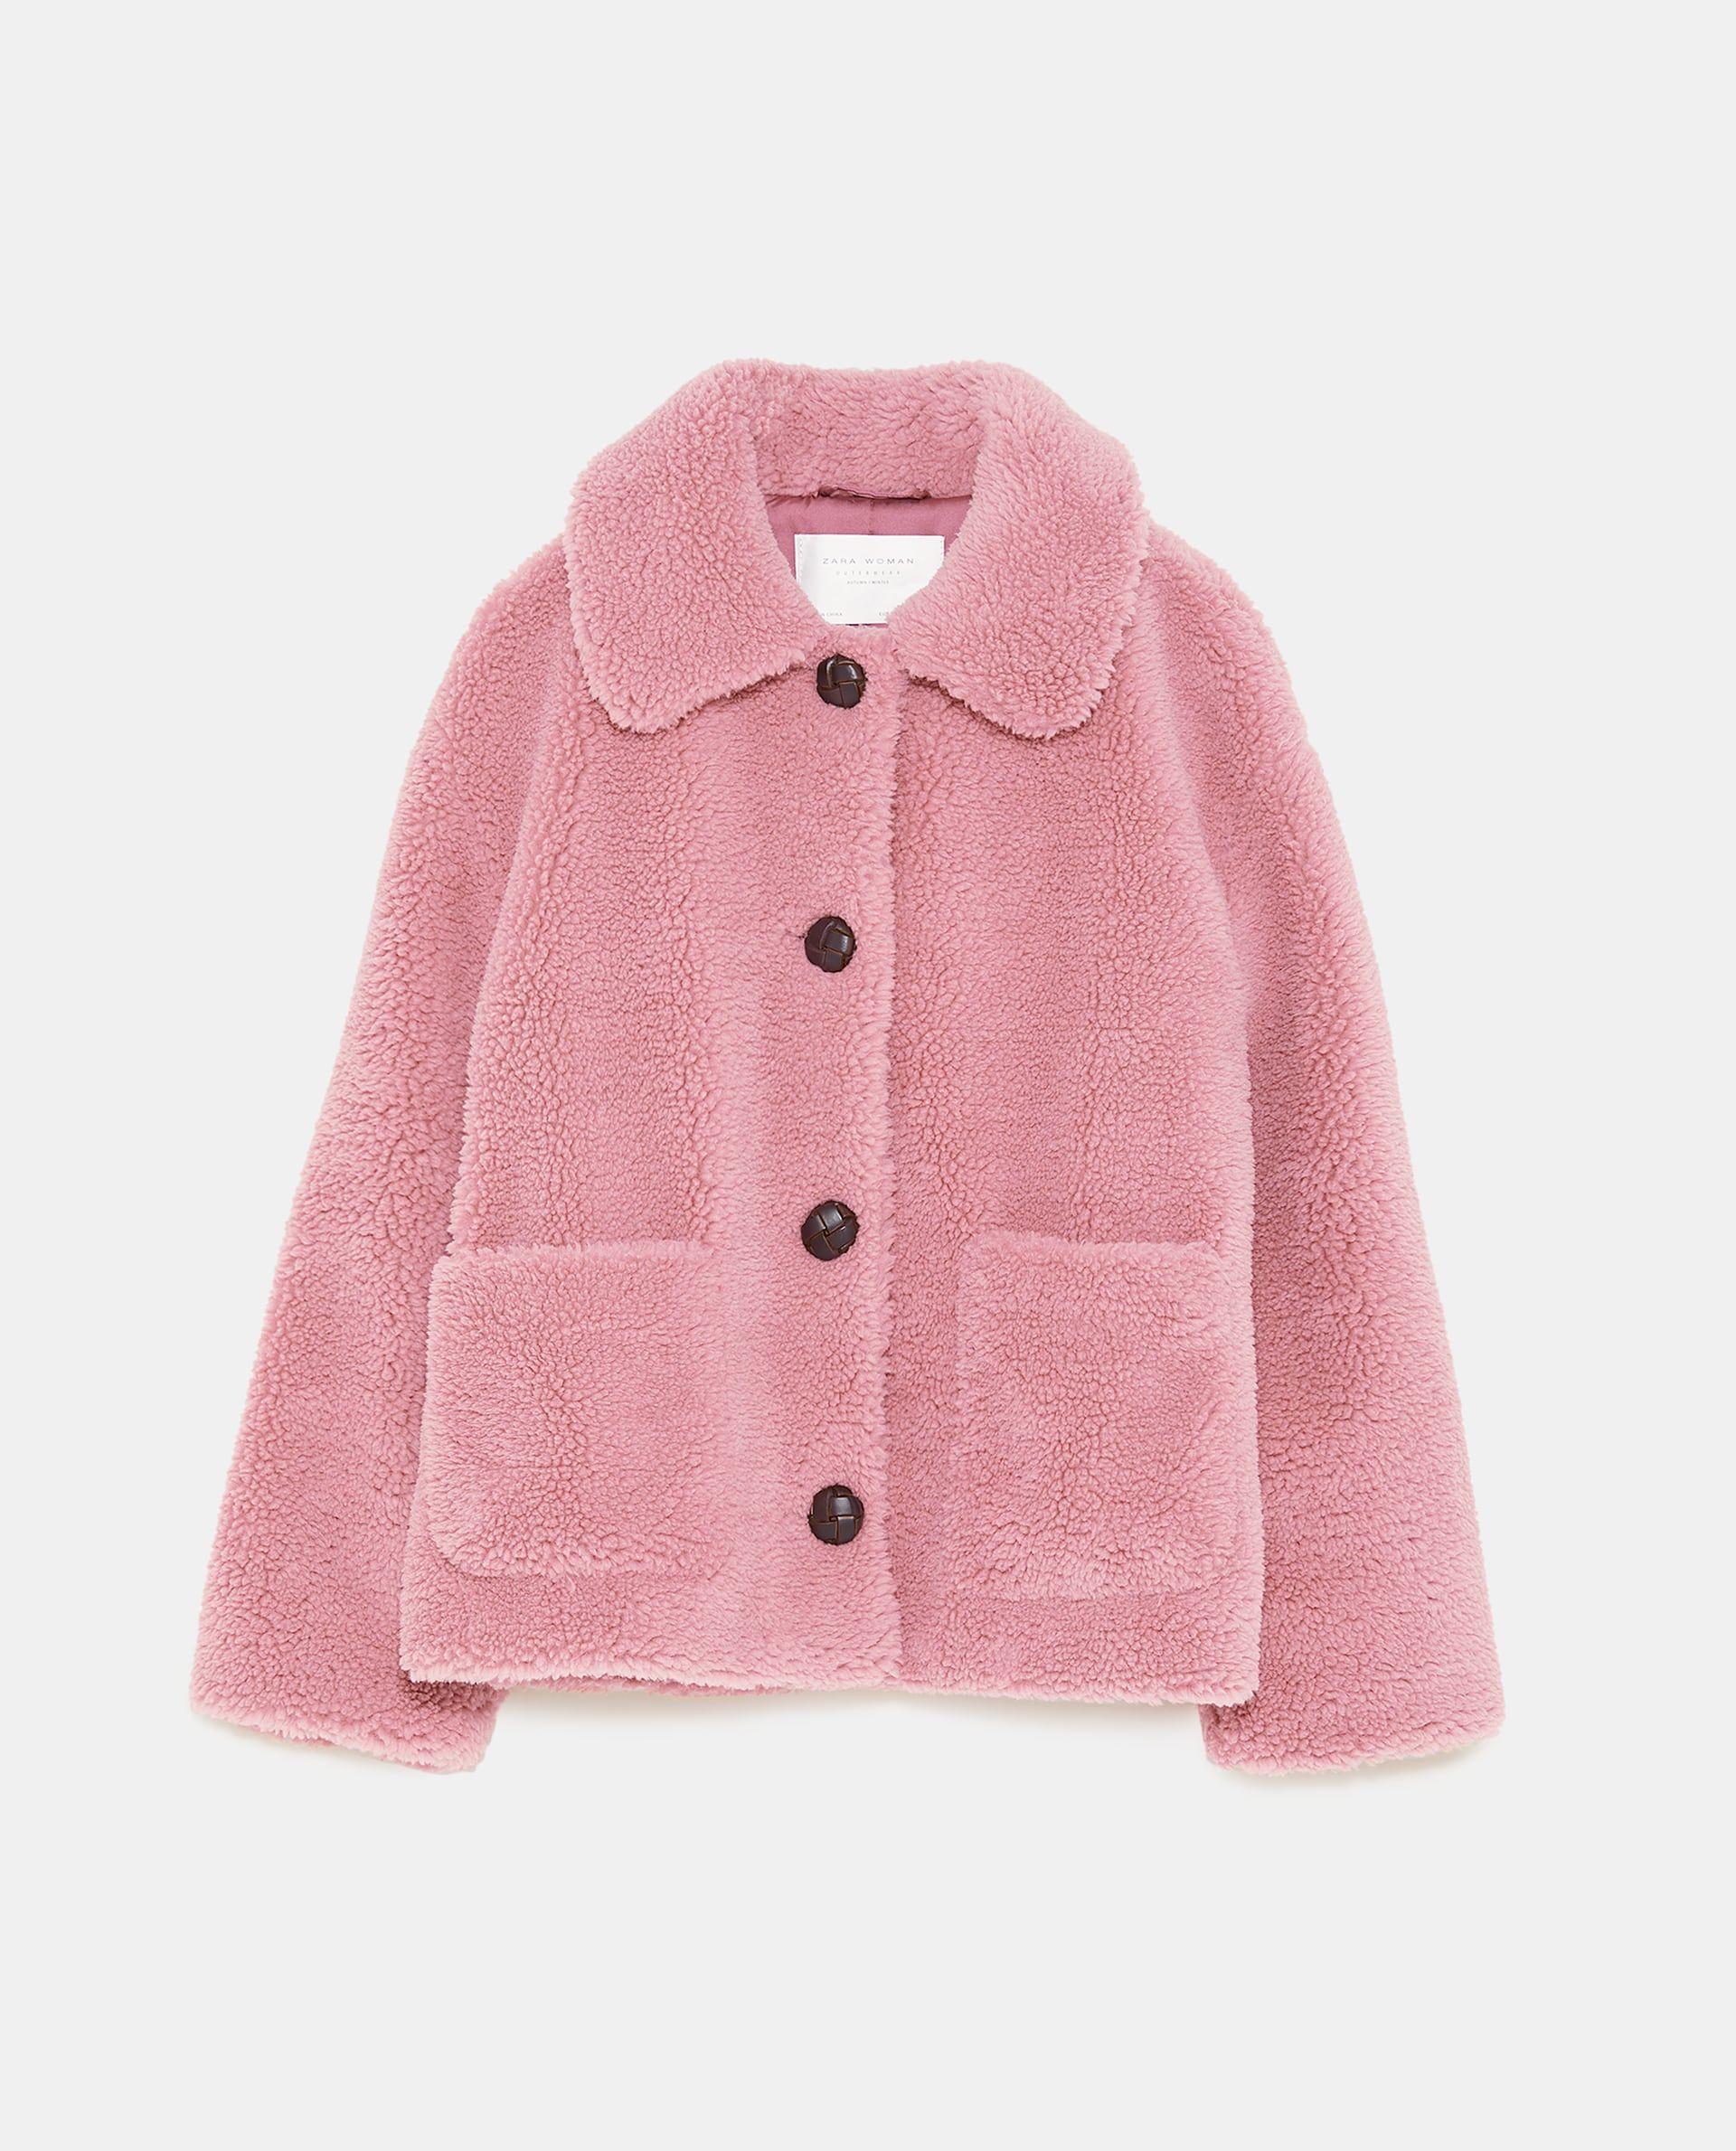 d98e4849436a Fleece jacket